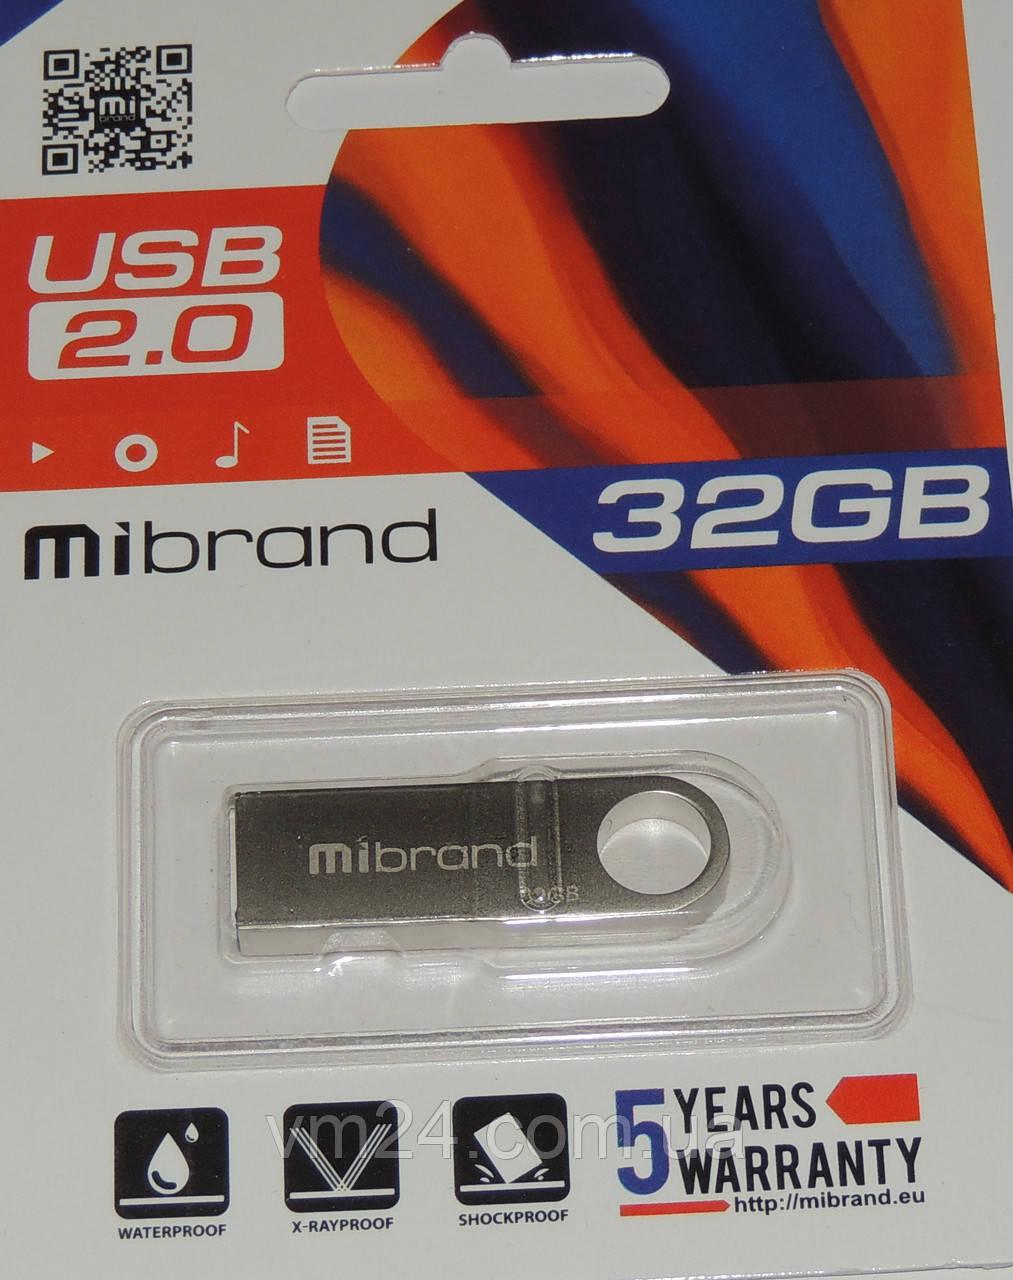 USB флеш Mibrand 32GB 2.0 Metal гарантія 2 роки